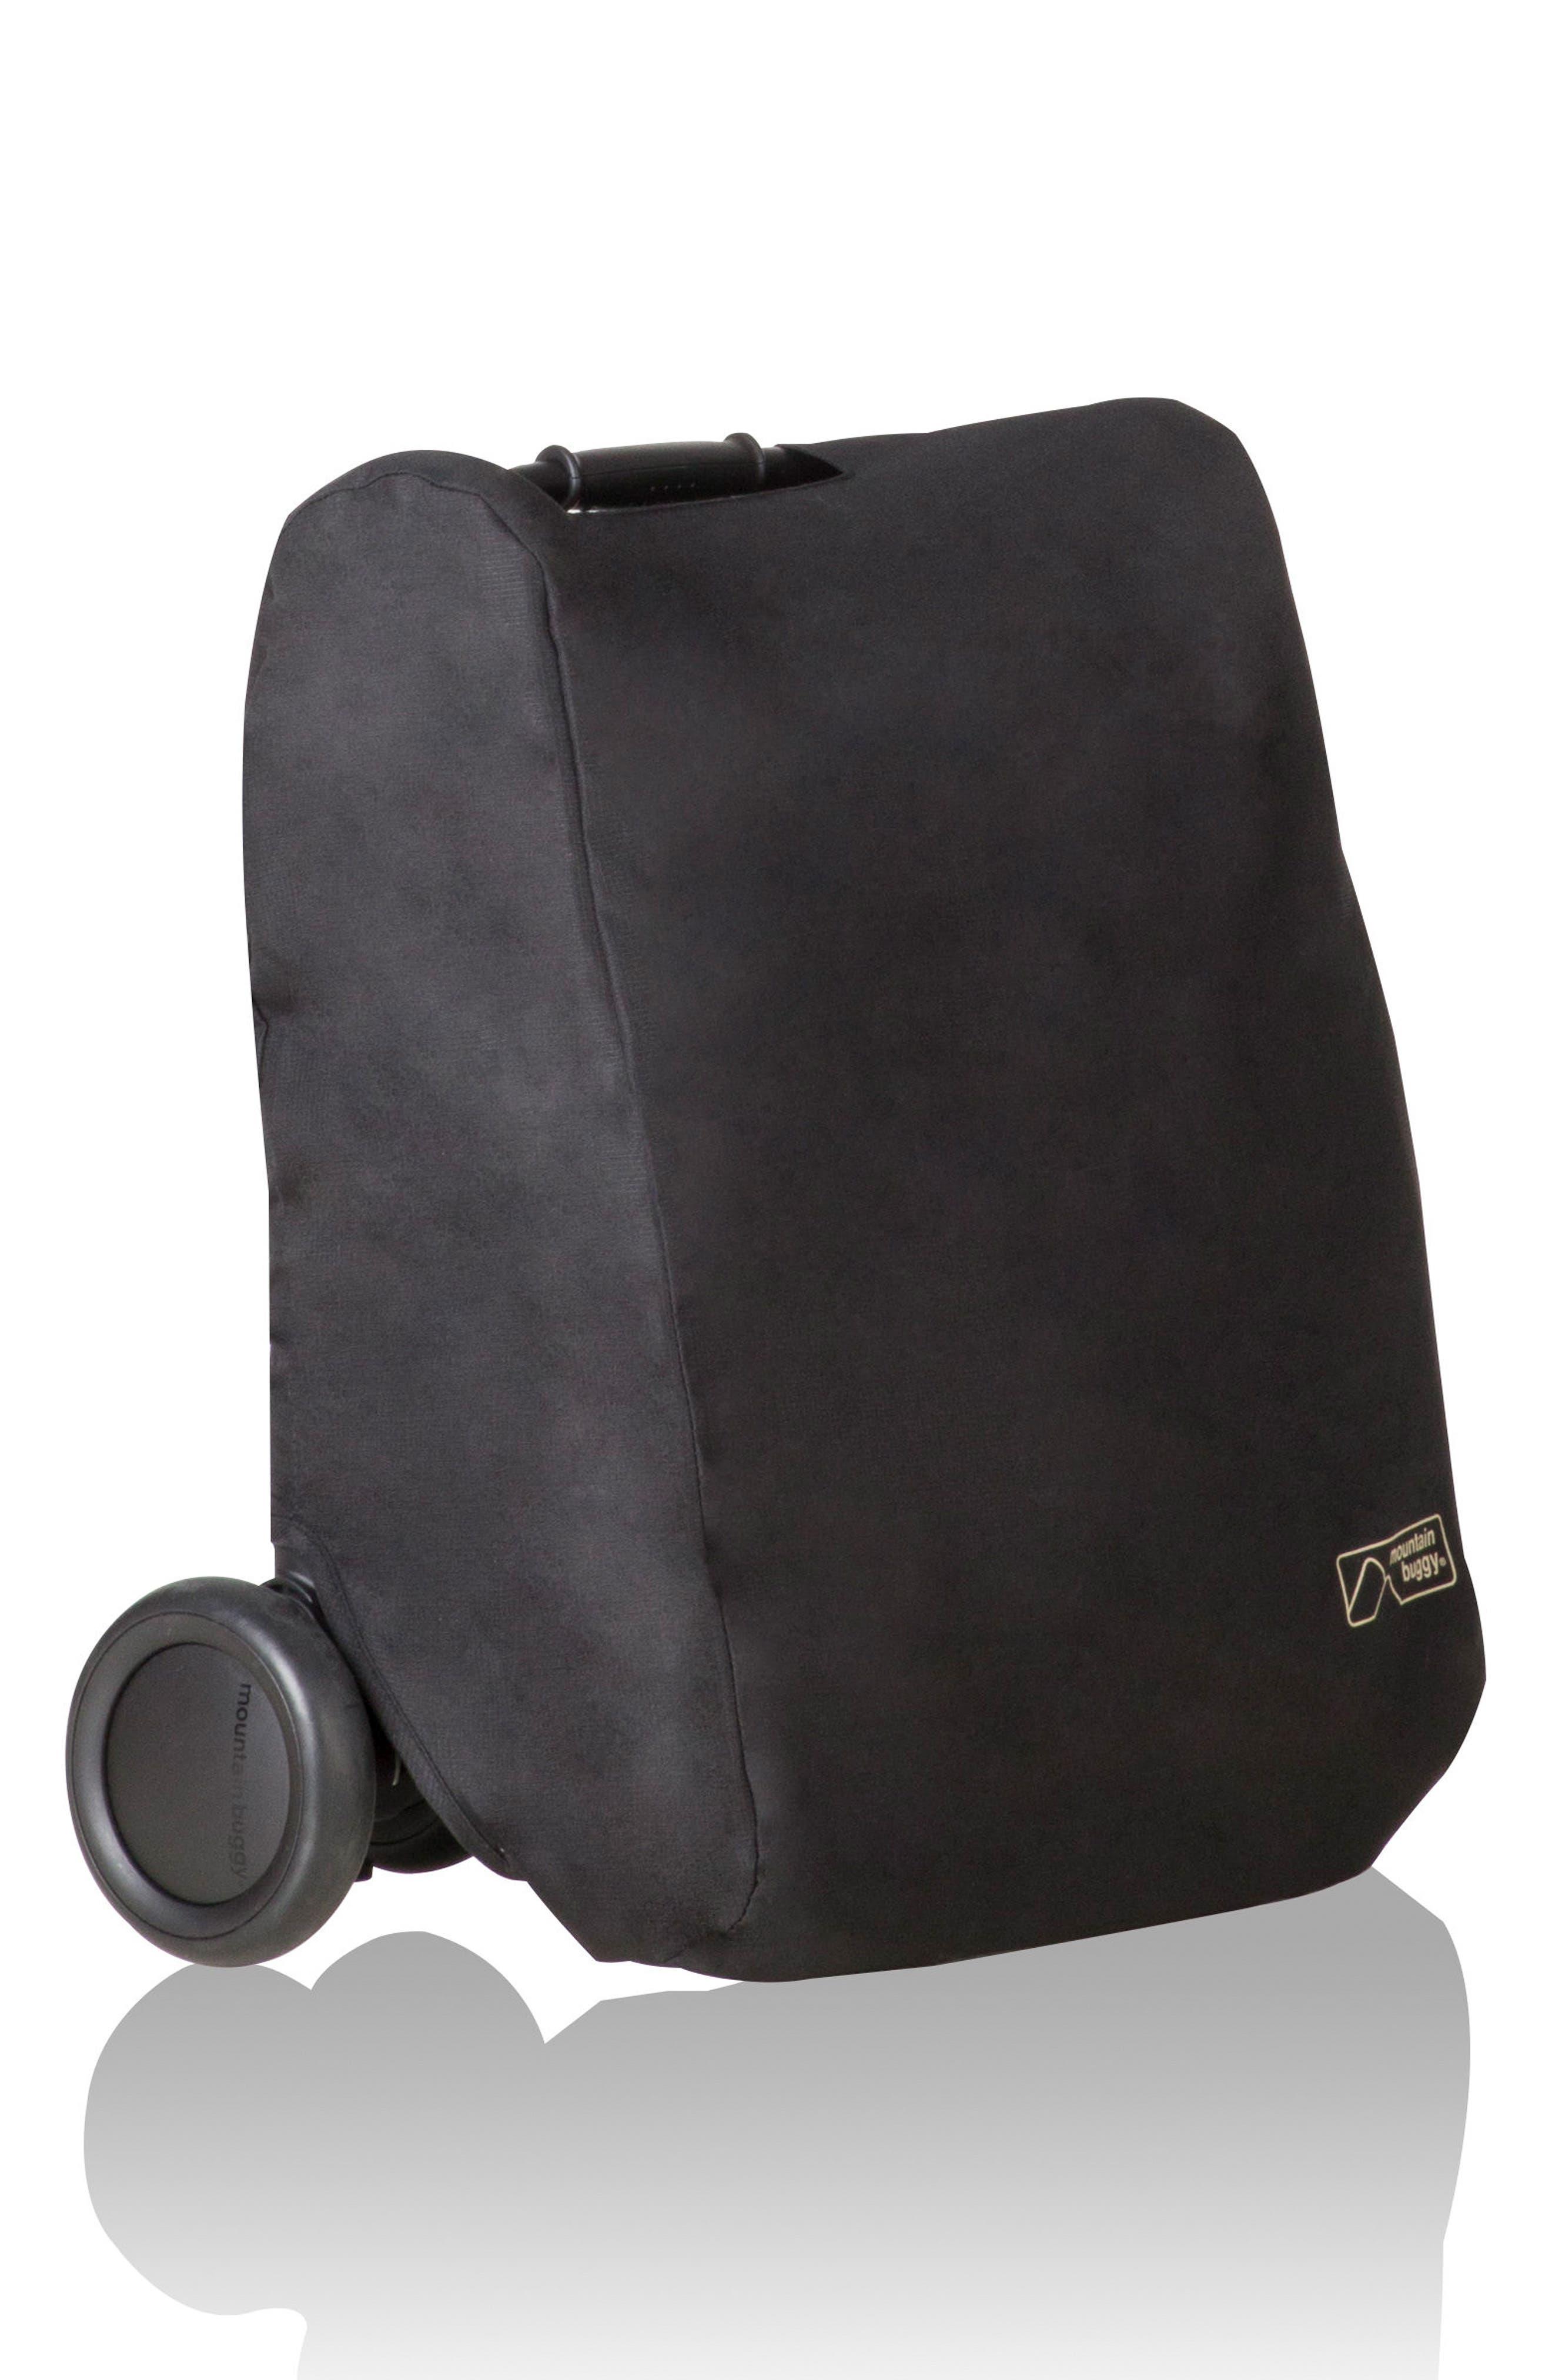 Nano Travel Stroller,                             Alternate thumbnail 6, color,                             BLACK